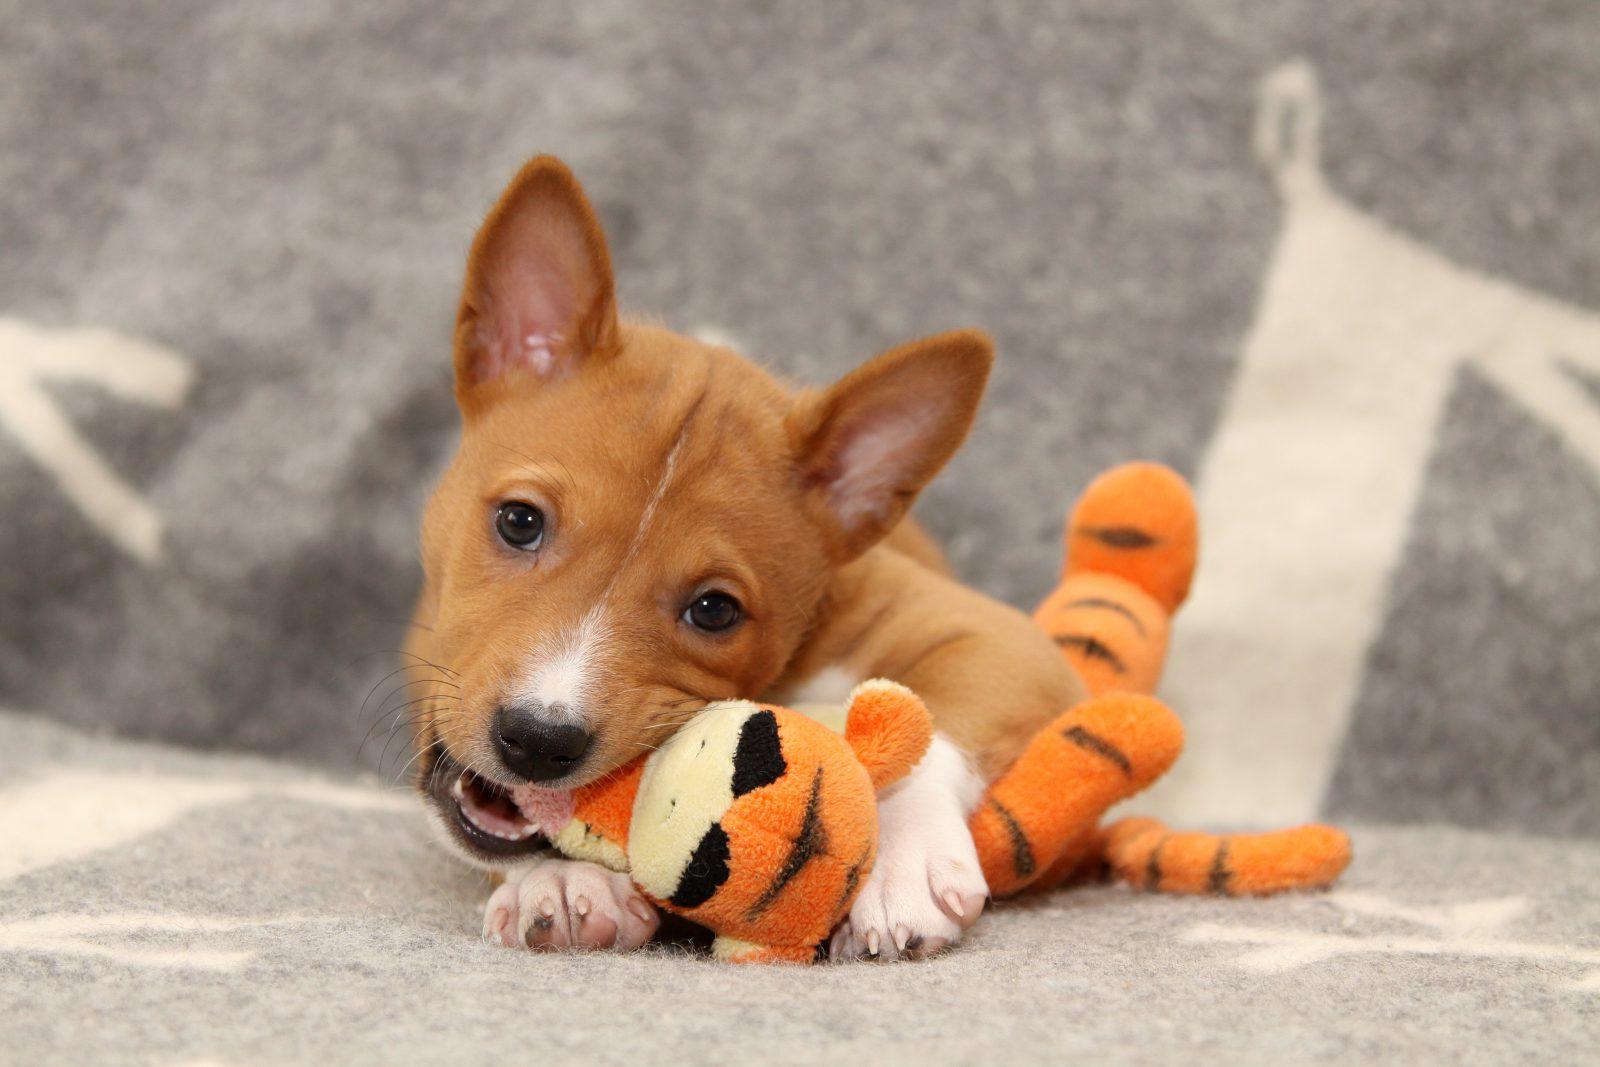 Produtos para cachorros como brinquedos são excelentes estimuladores físicos e intelectuais.